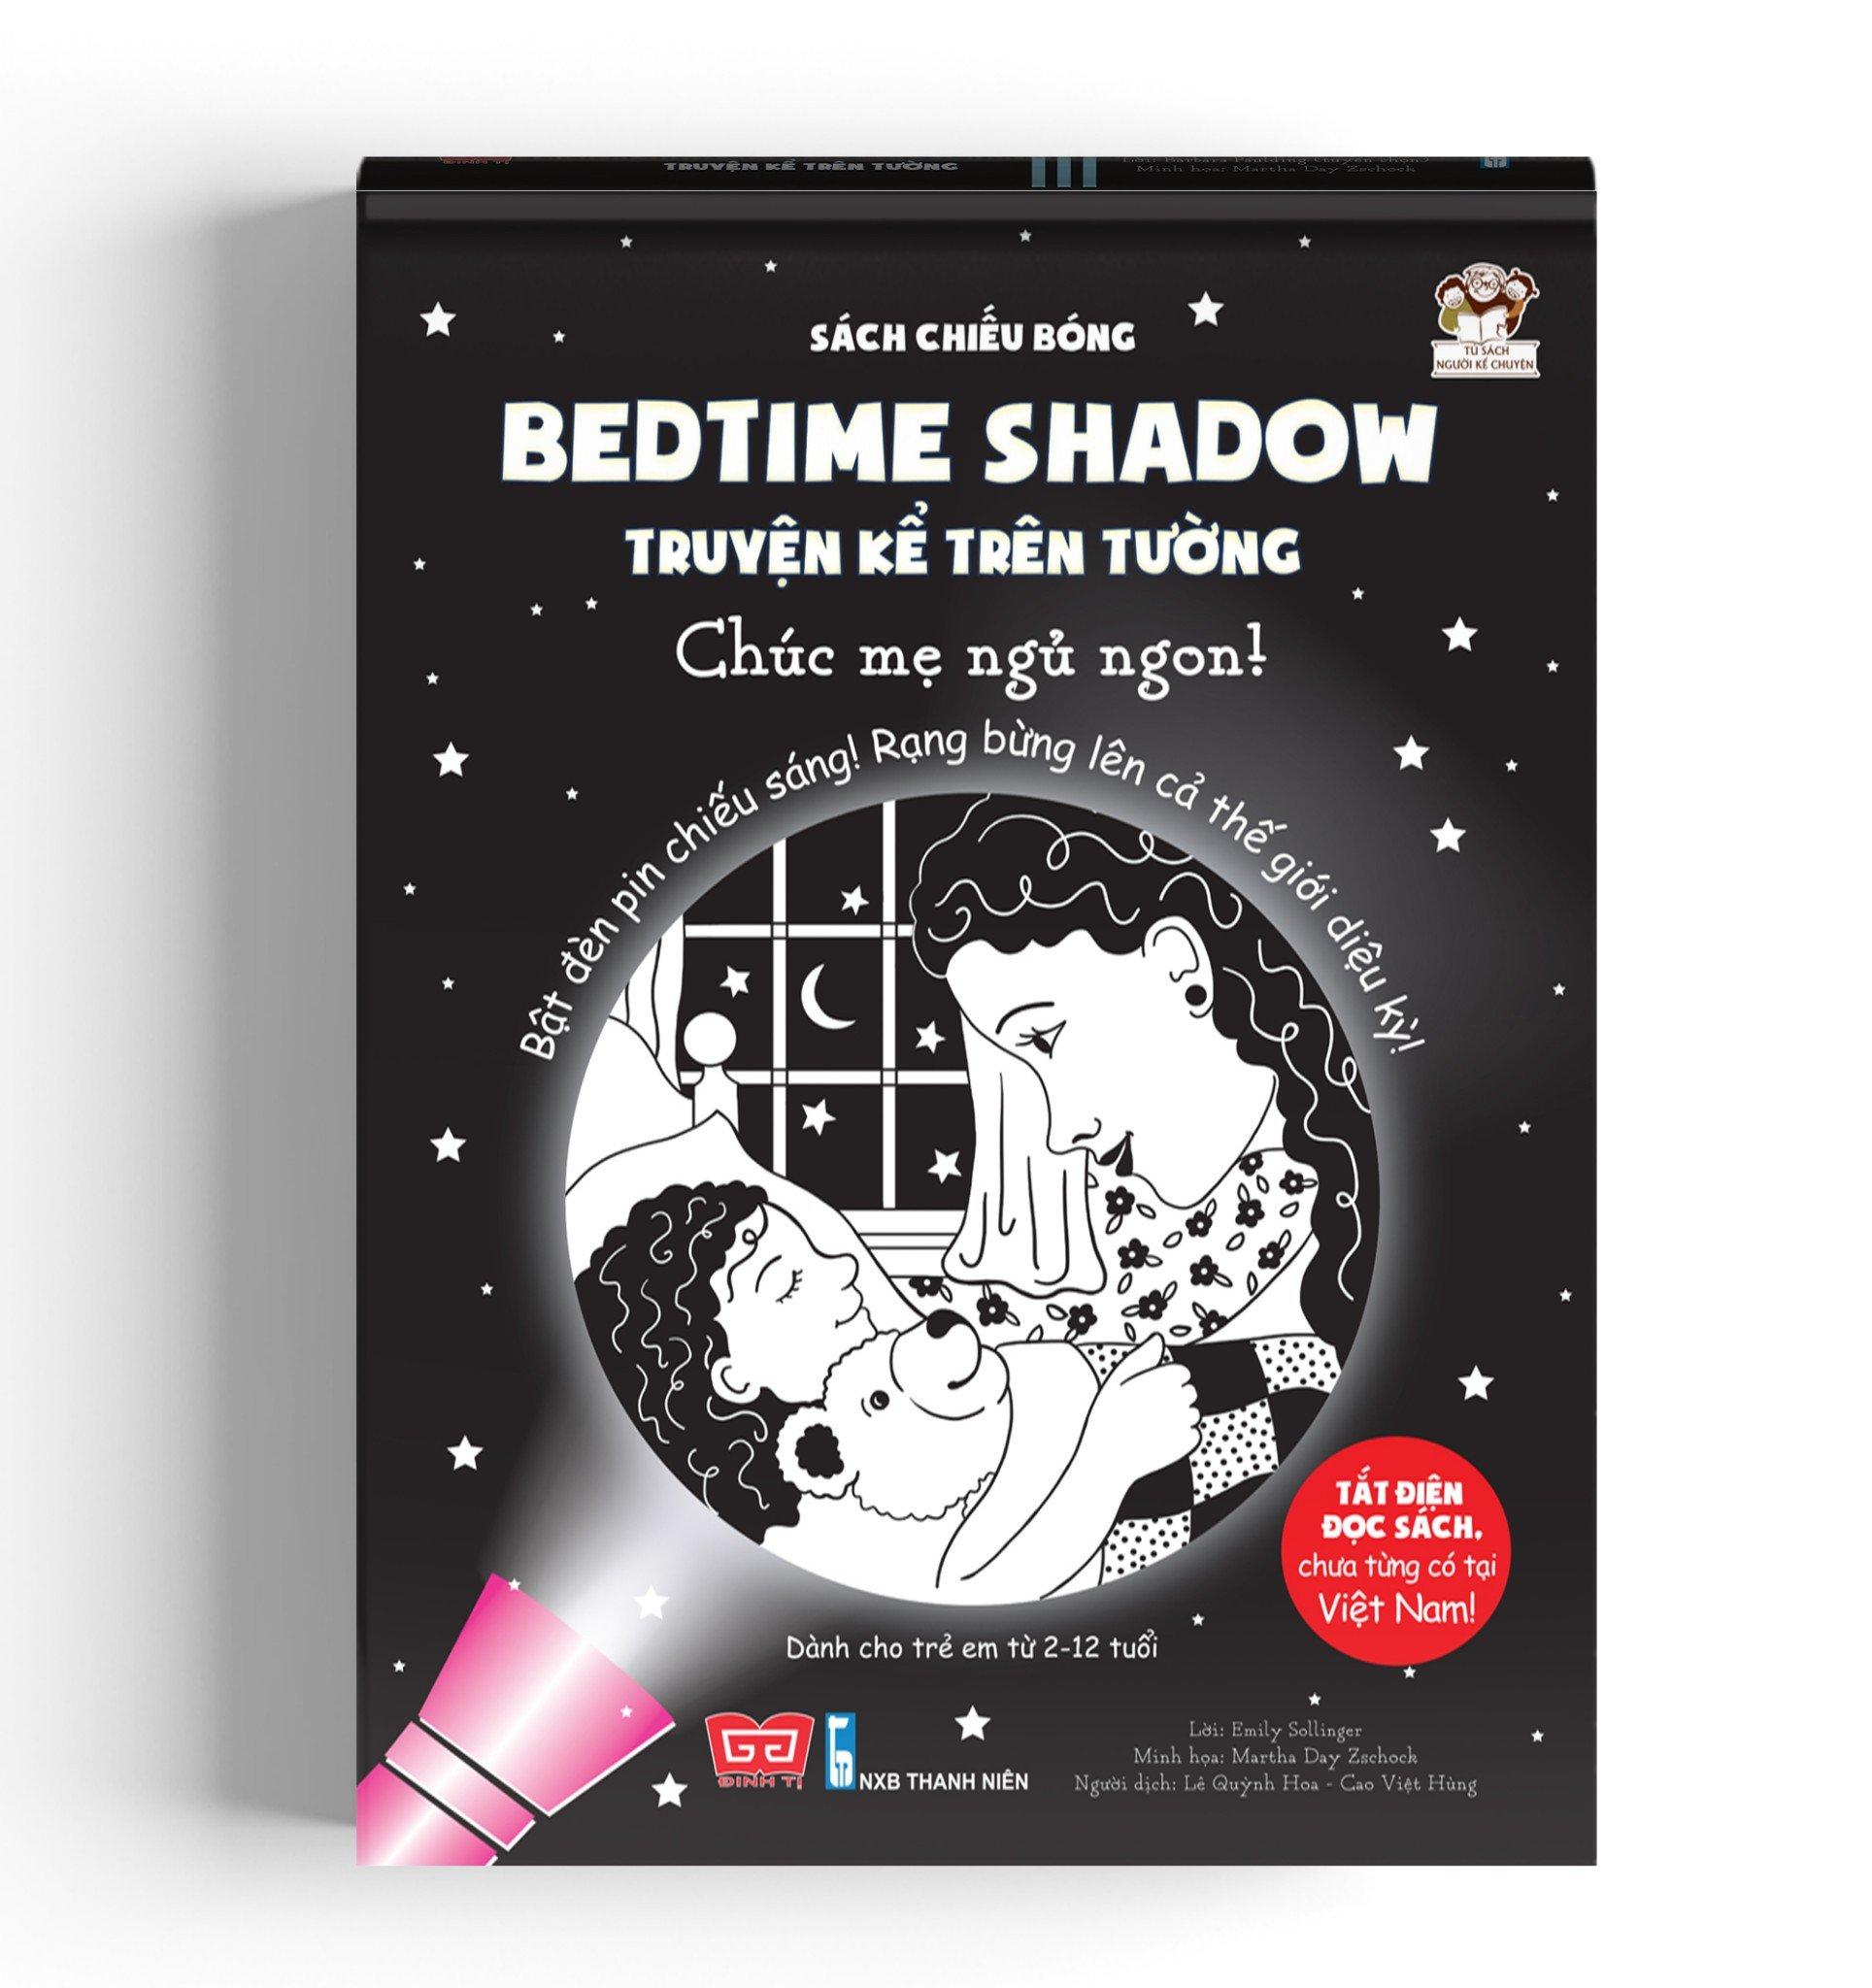 Sách tương tác - Sách chiếu bóng - Bedtime shadow – Truyện kể trên tường - Chúc mẹ ngủ ngon!